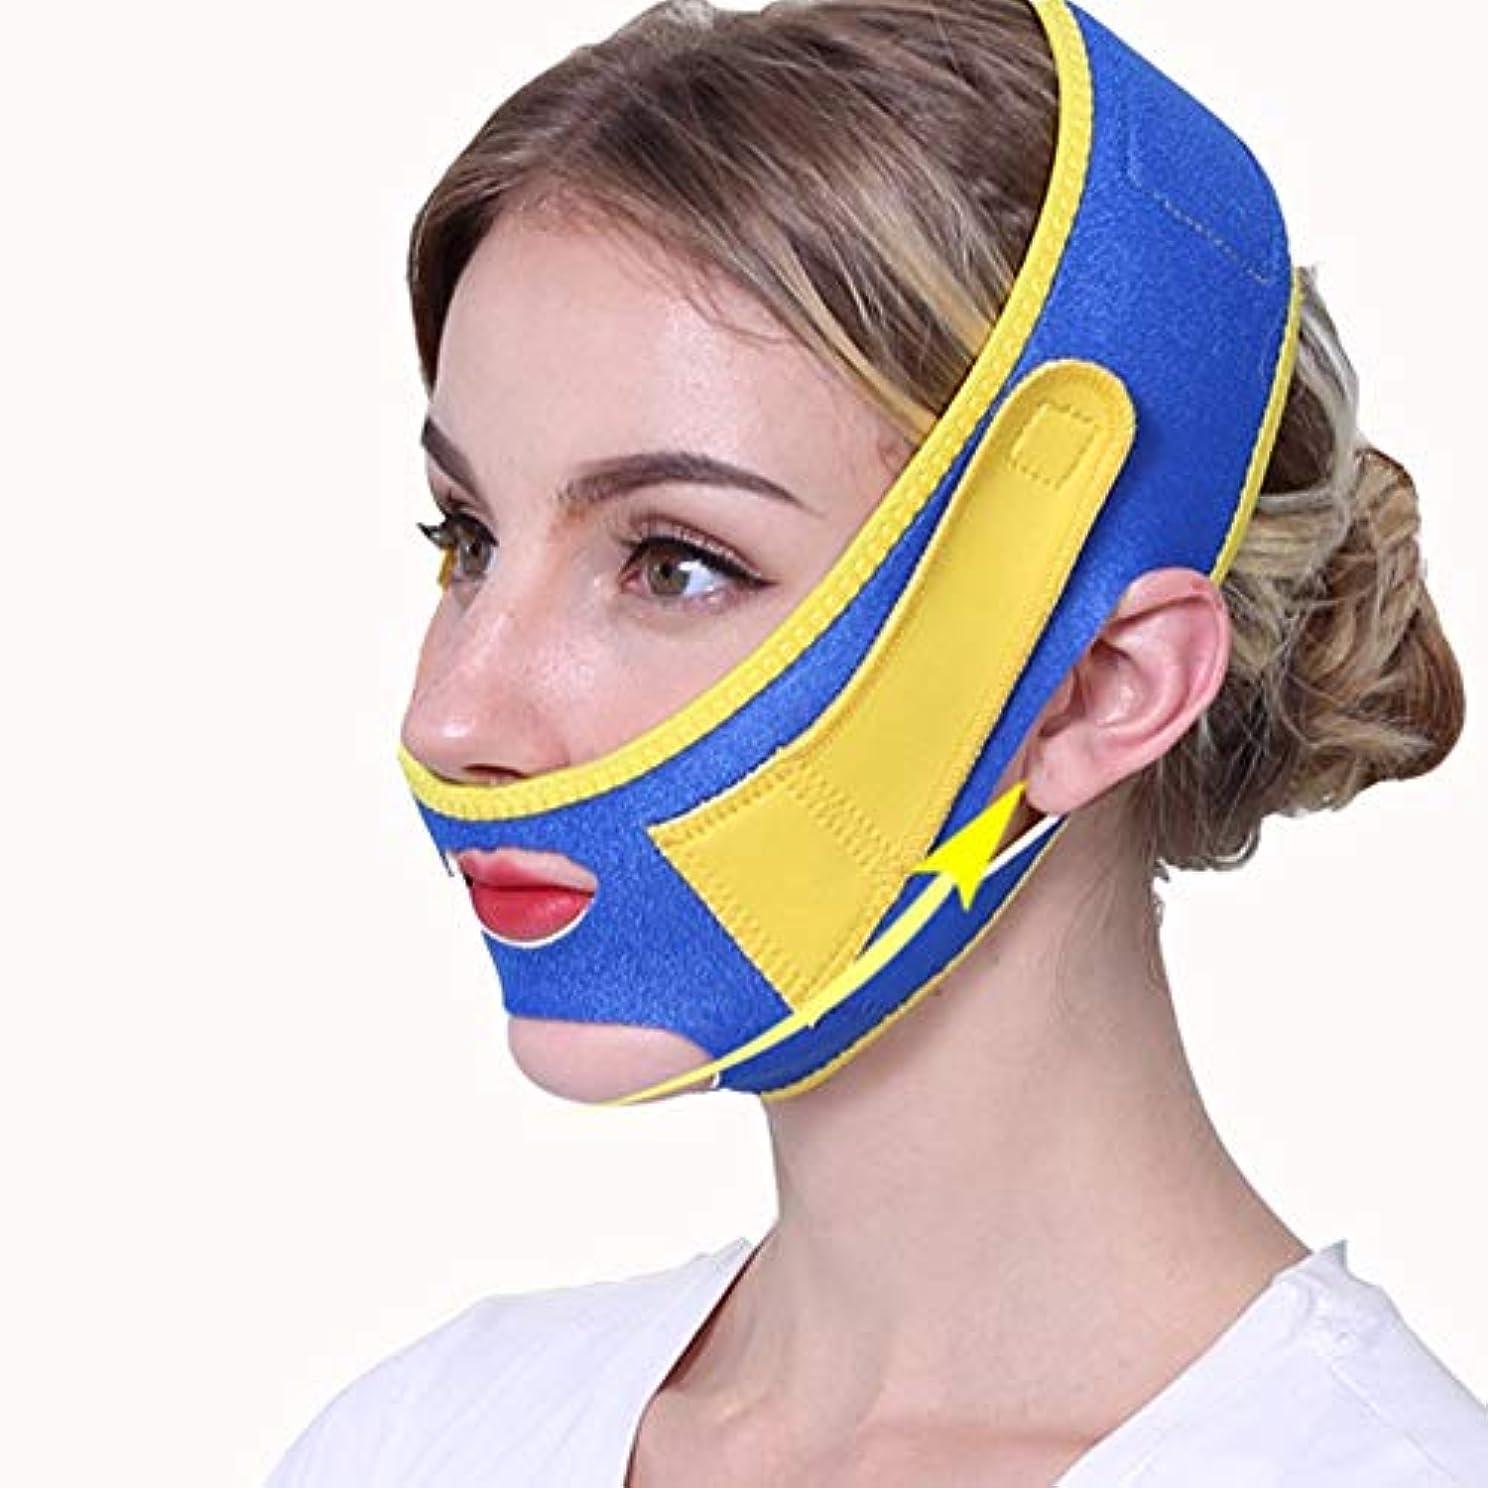 踏みつけ避けられない北東Minmin フェイシャルリフティング痩身ベルトフェイス包帯マスク整形マスクフェイスベルトを引き締める薄型フェイス包帯整形マスクフェイスと首の顔を引き締めスリム みんみんVラインフェイスマスク